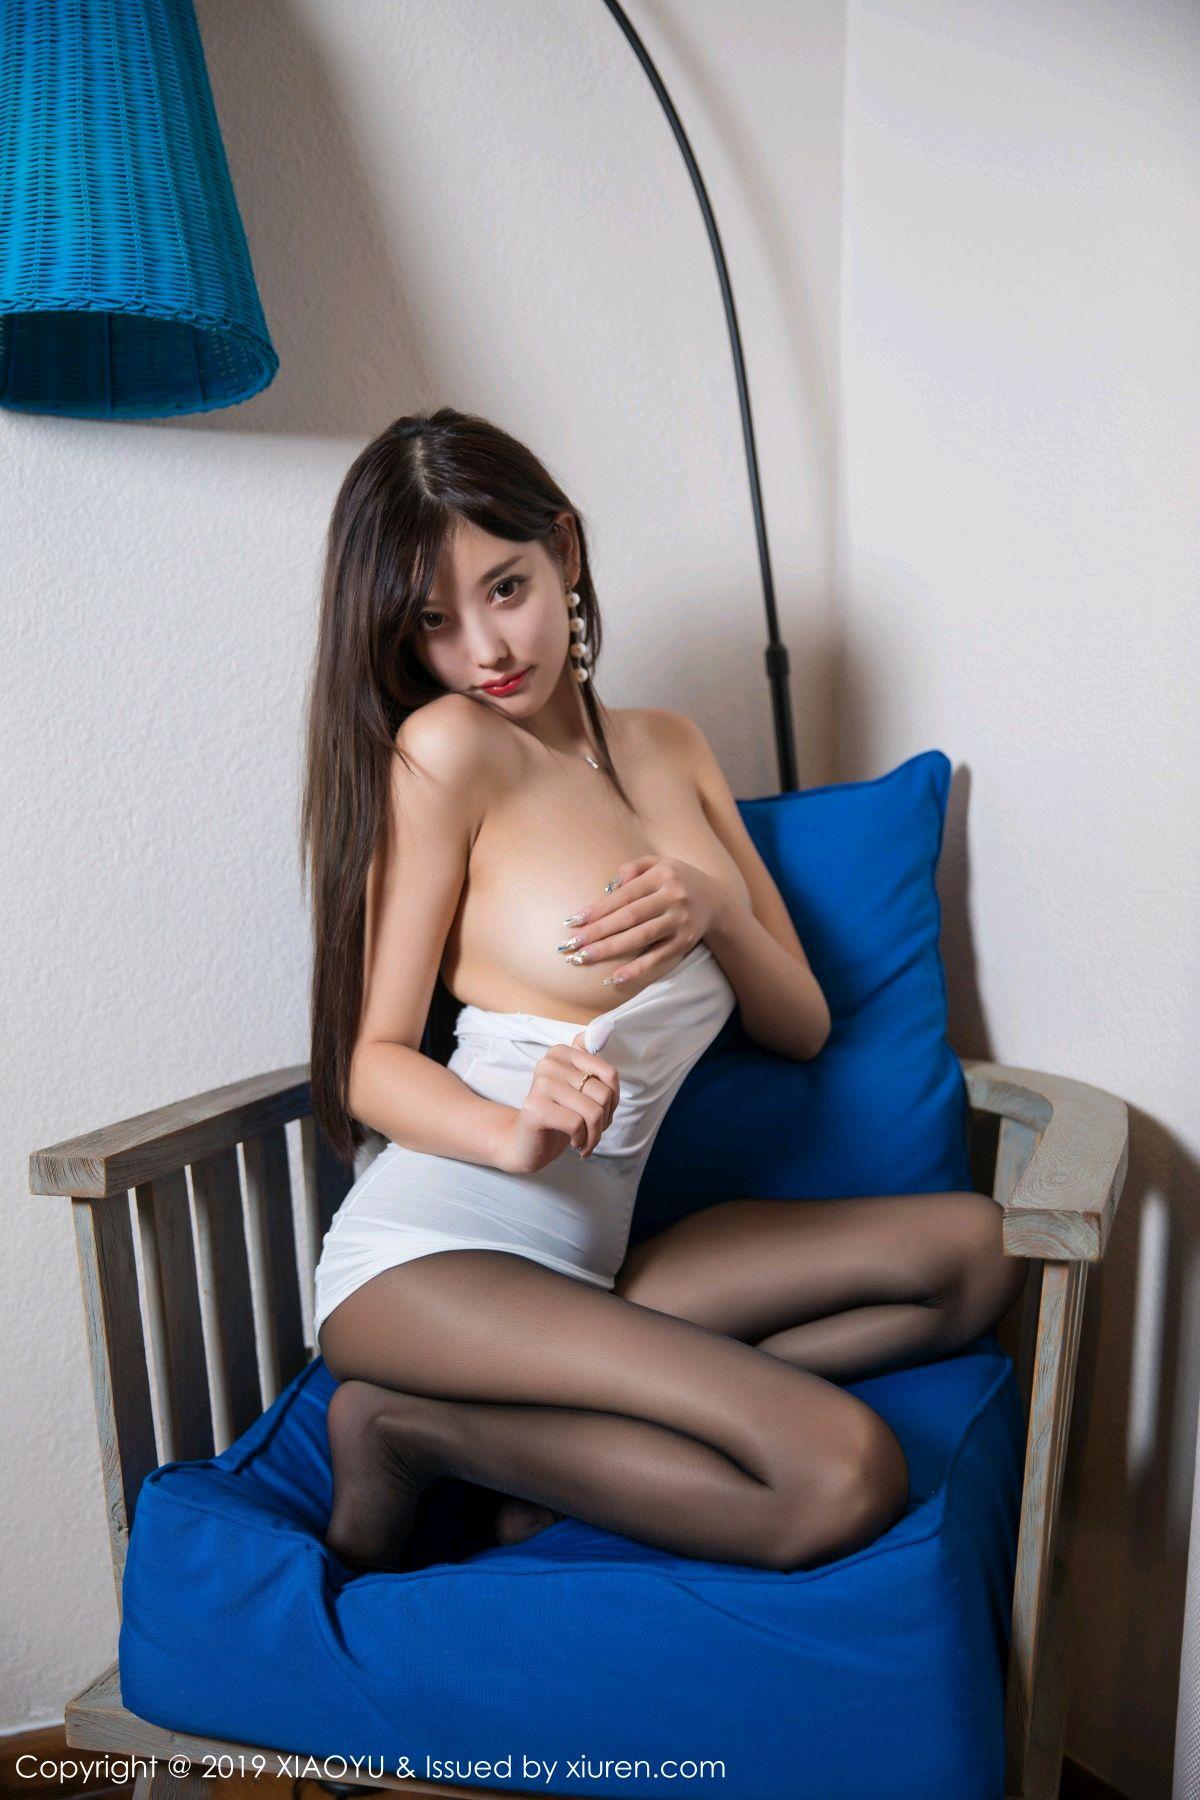 [XiaoYu] Vol.138 Yang Chen Chen 40P, Black Silk, Tall, XiaoYu, Yang Chen Chen